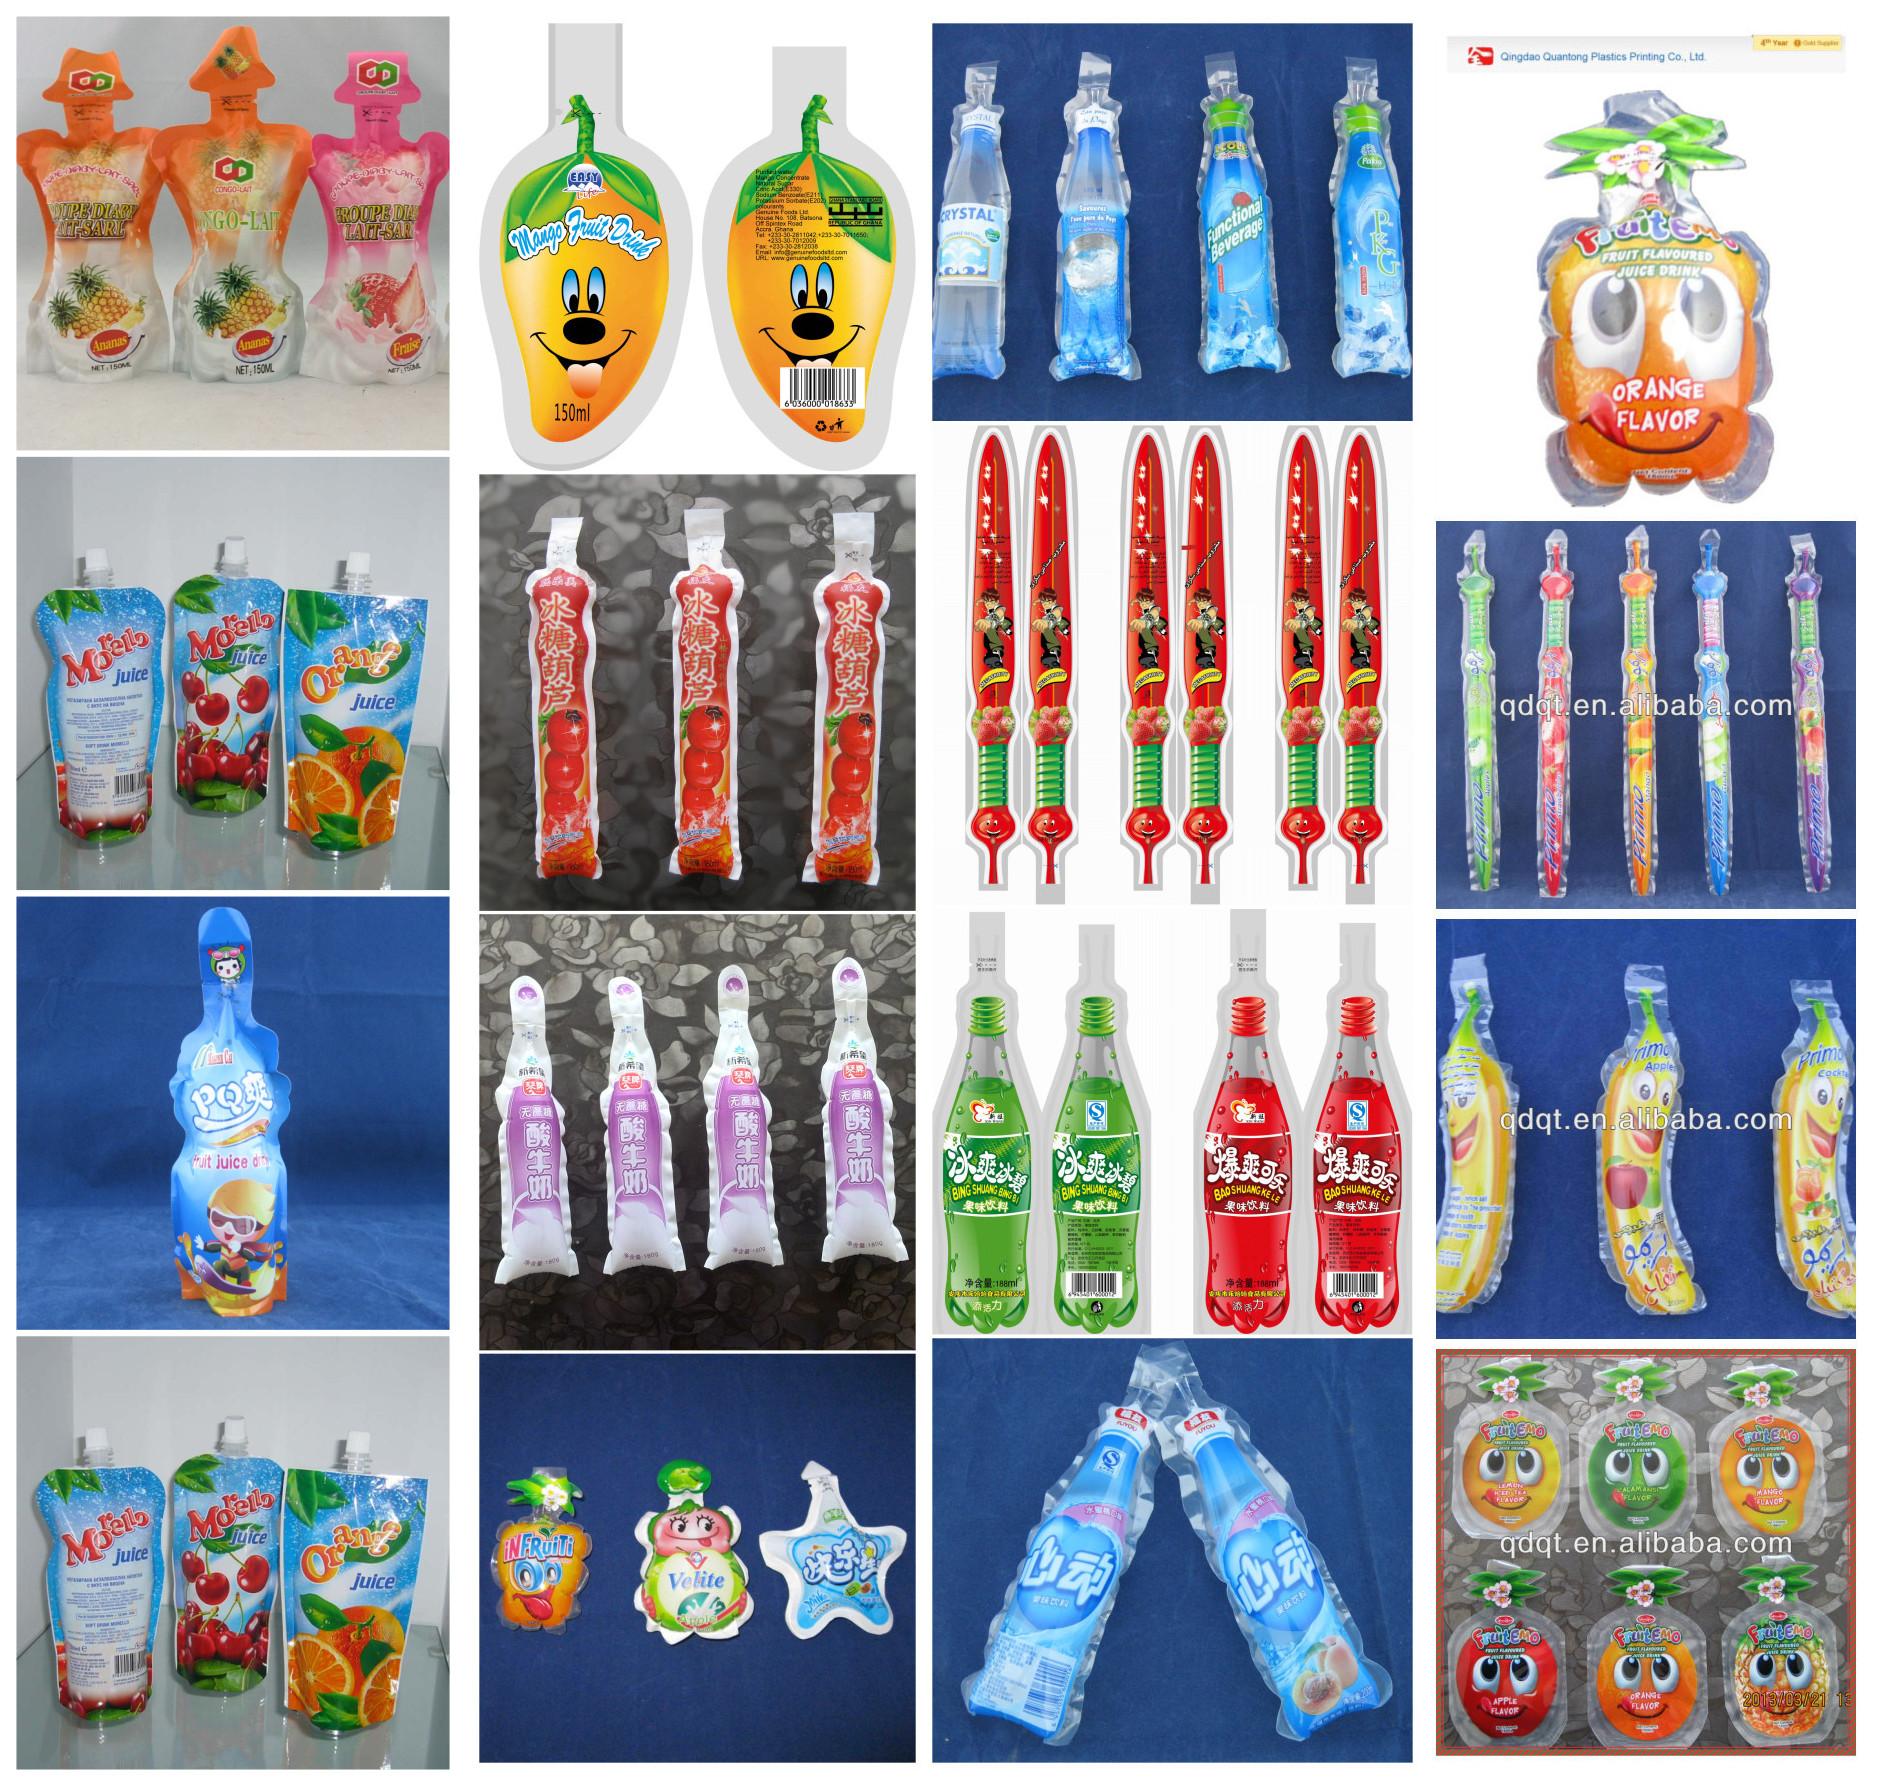 4,形状各异,图案精美,有卡通动物,水果等形状,深受小朋友喜爱.